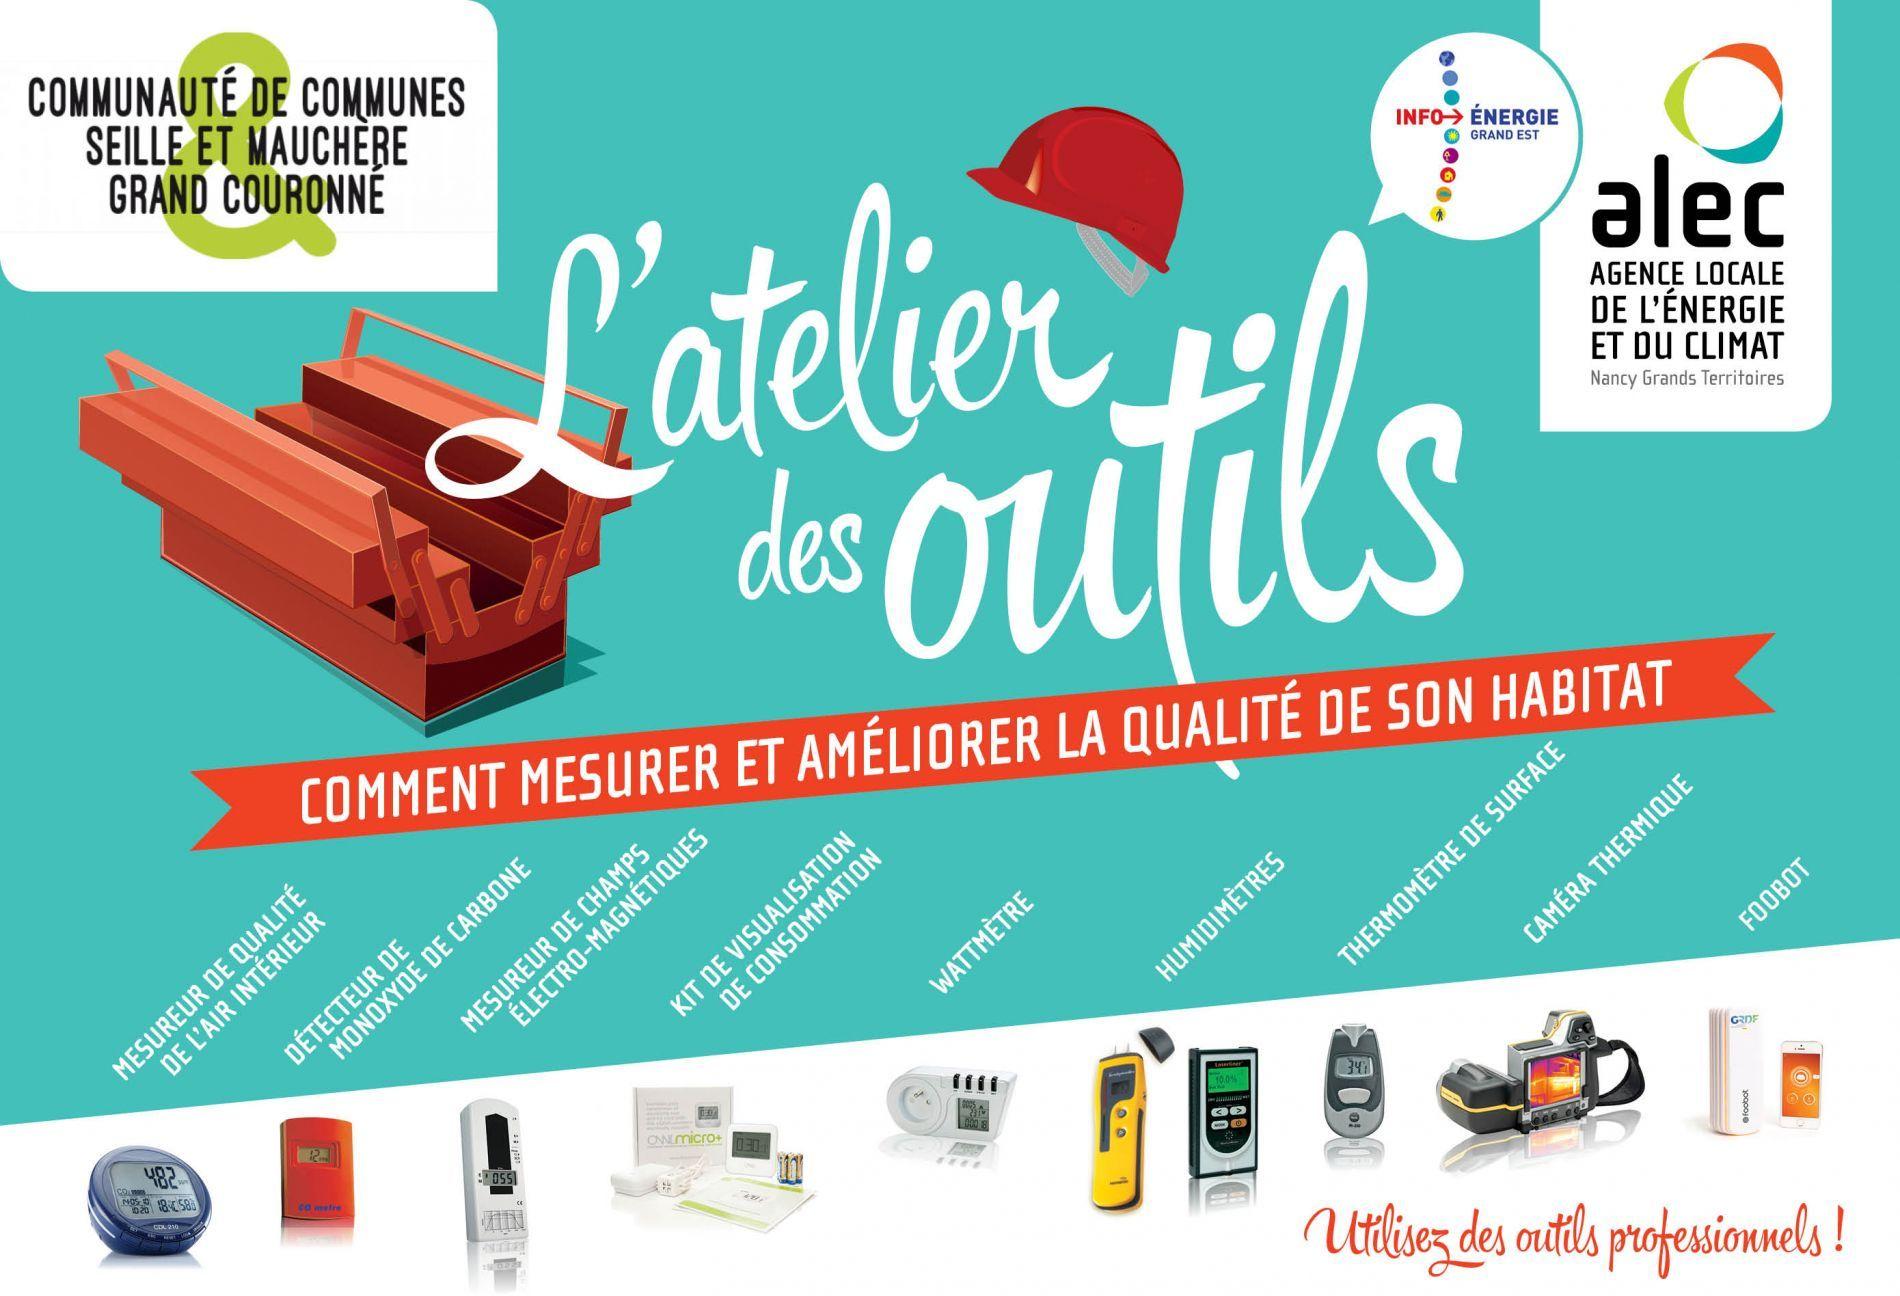 L'Atelier des outils à Champenoux